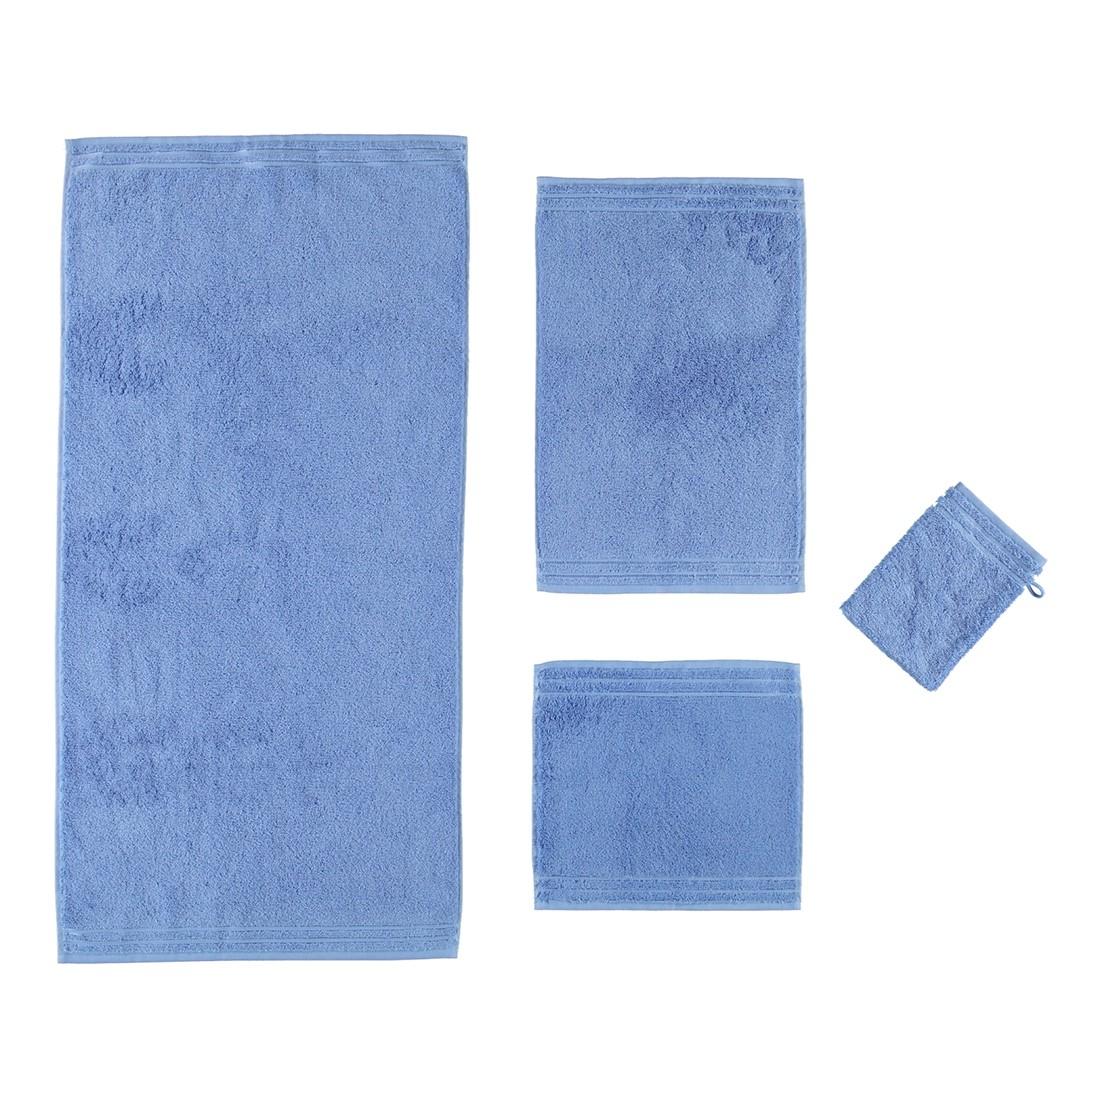 Handtuch Calypso Feeling – 100% Baumwolle steelblue – 441 – Duschtuch: 67×140 cm, Vossen online kaufen